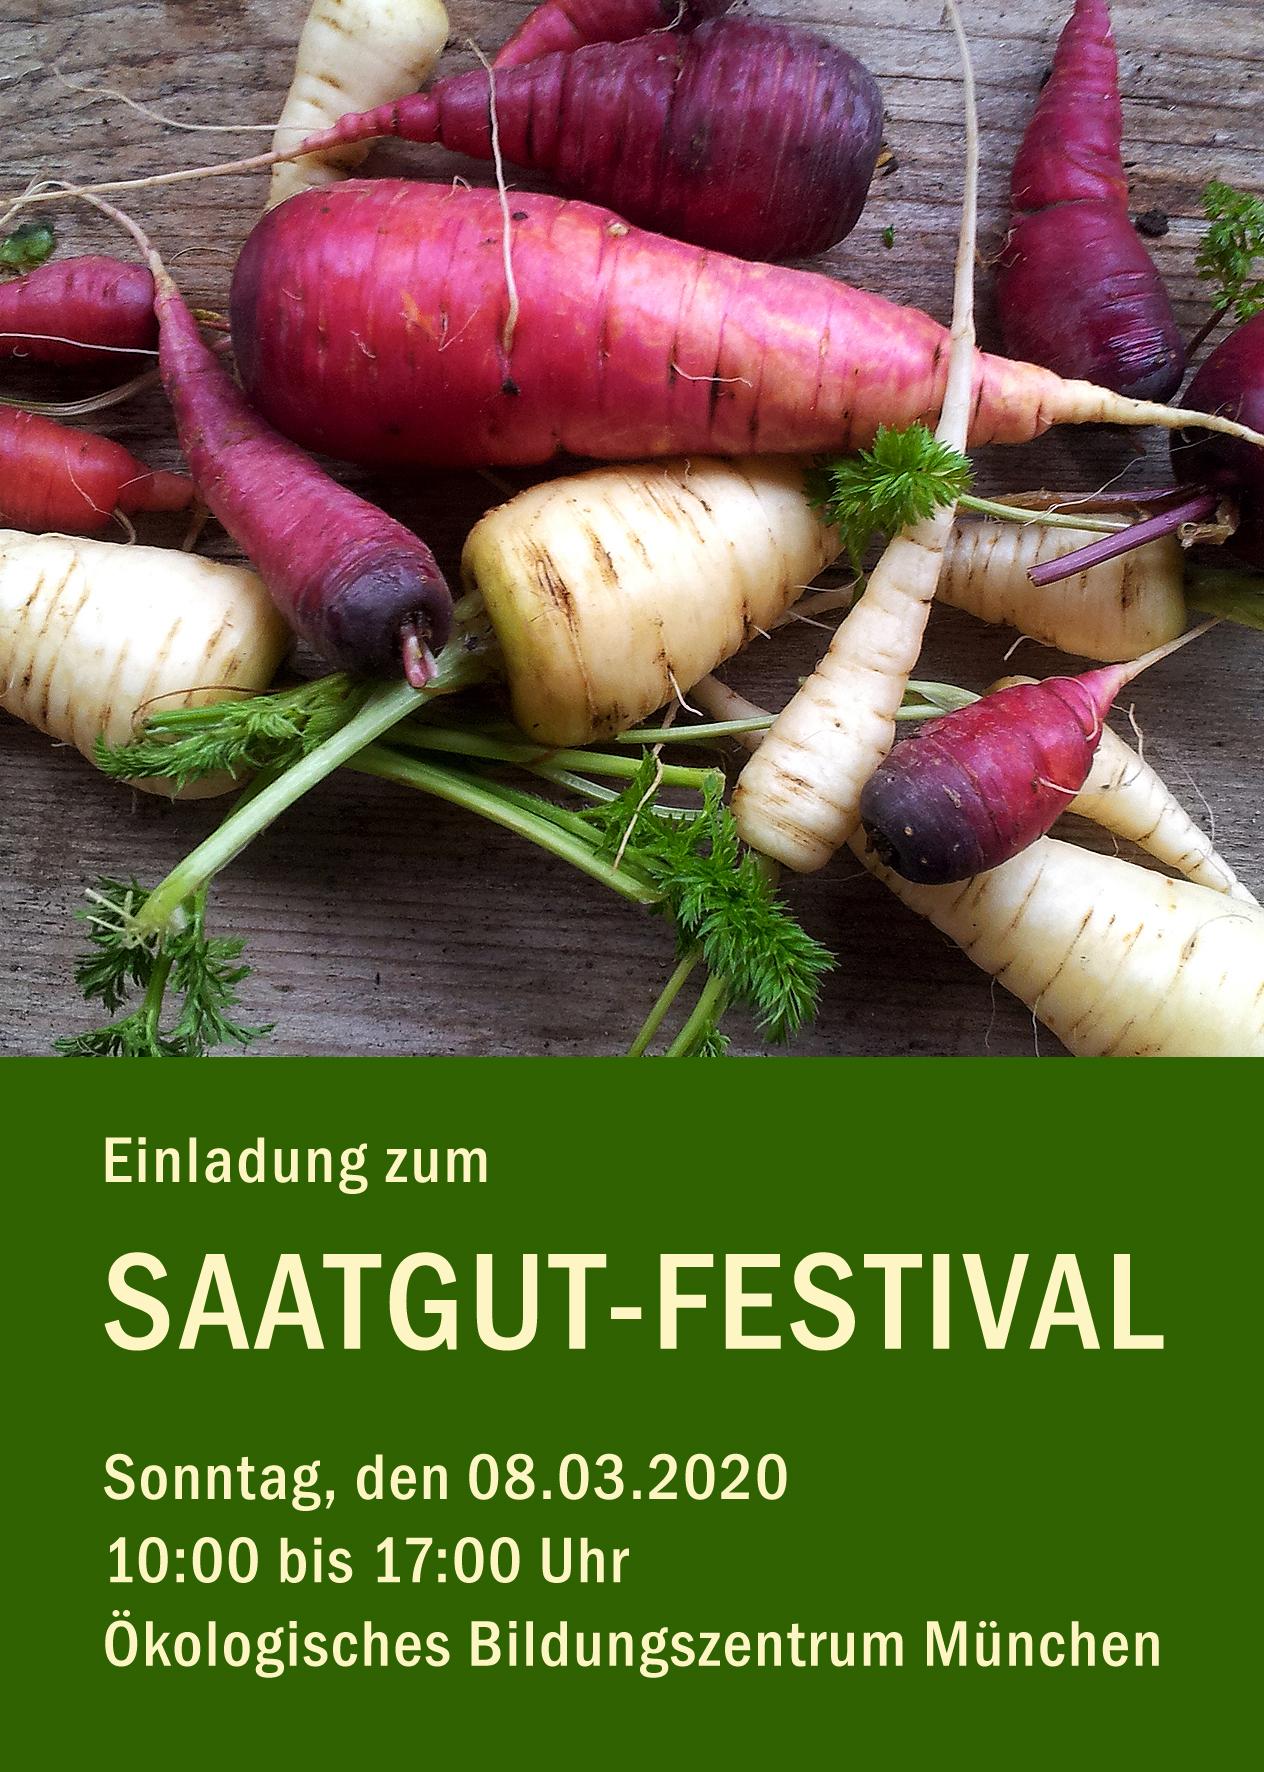 Saatgut-Festival 2020